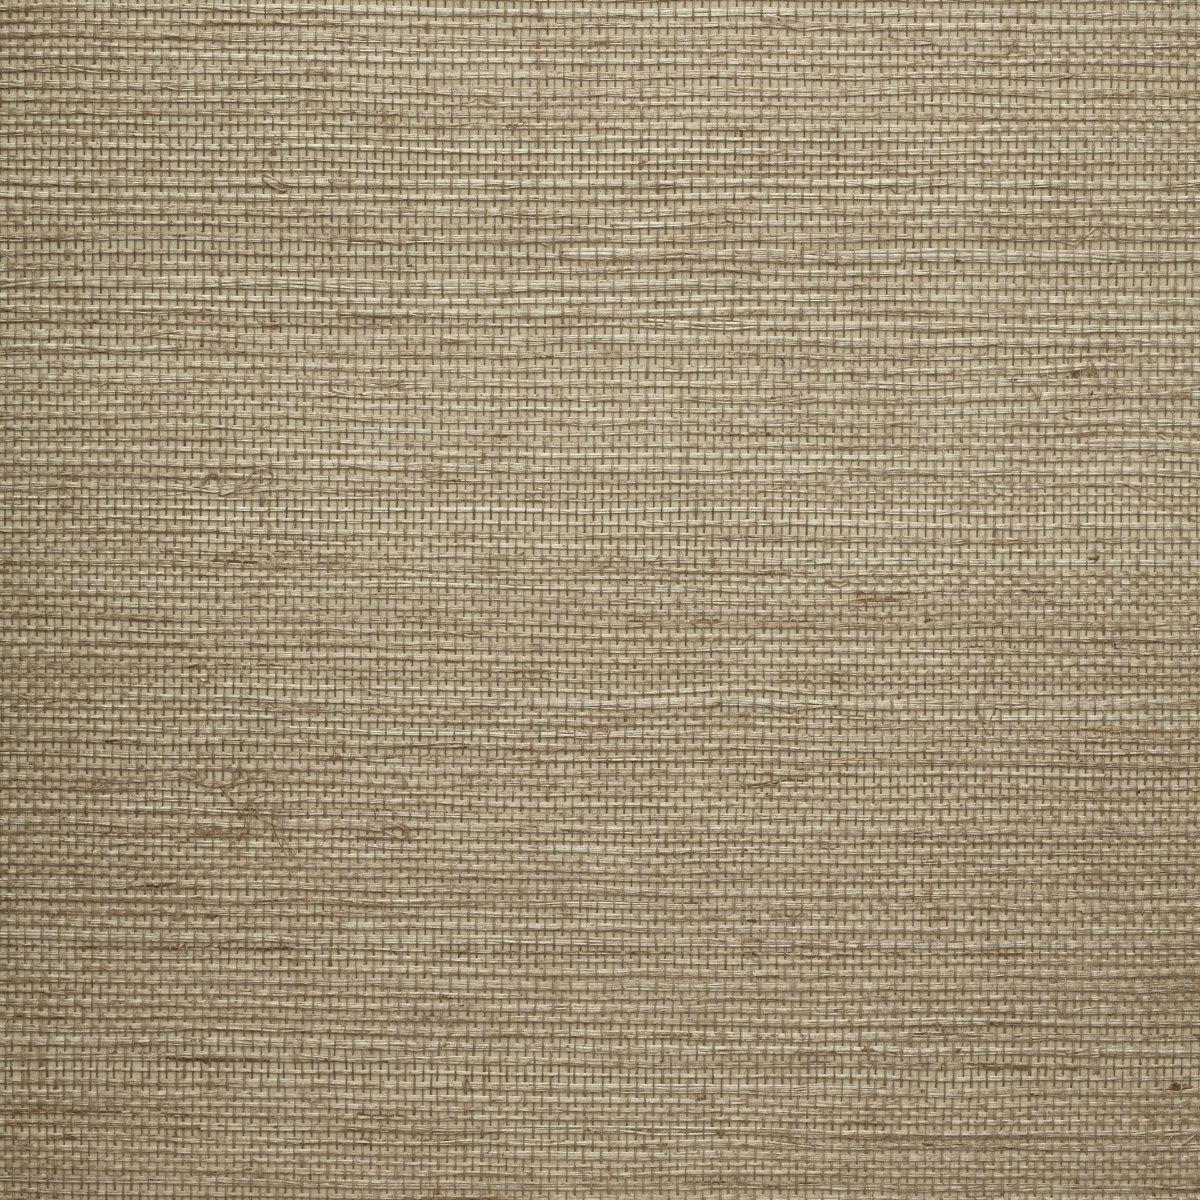 Natural Grass Paper Wallpaper Woven Bernard Thorp